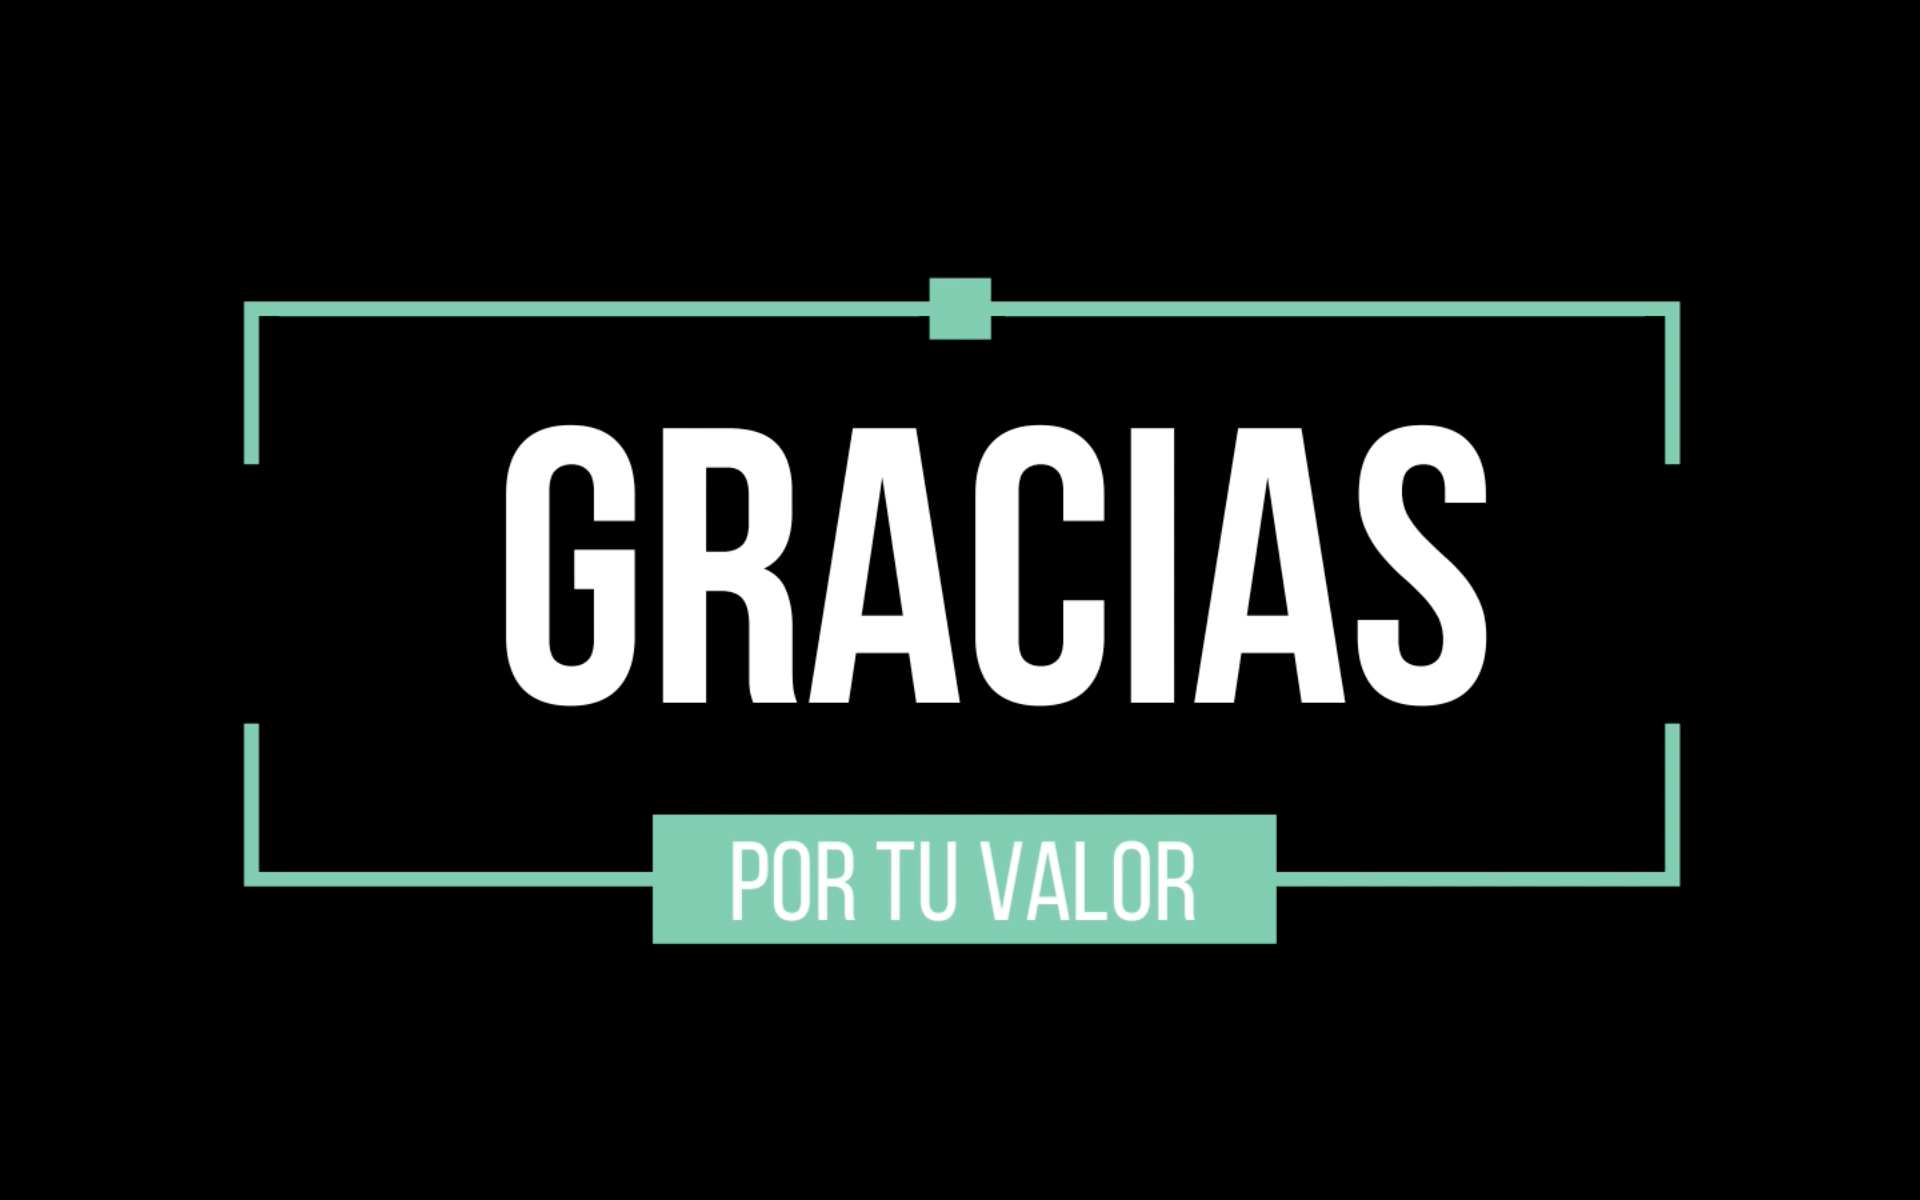 Gracias por tu valor